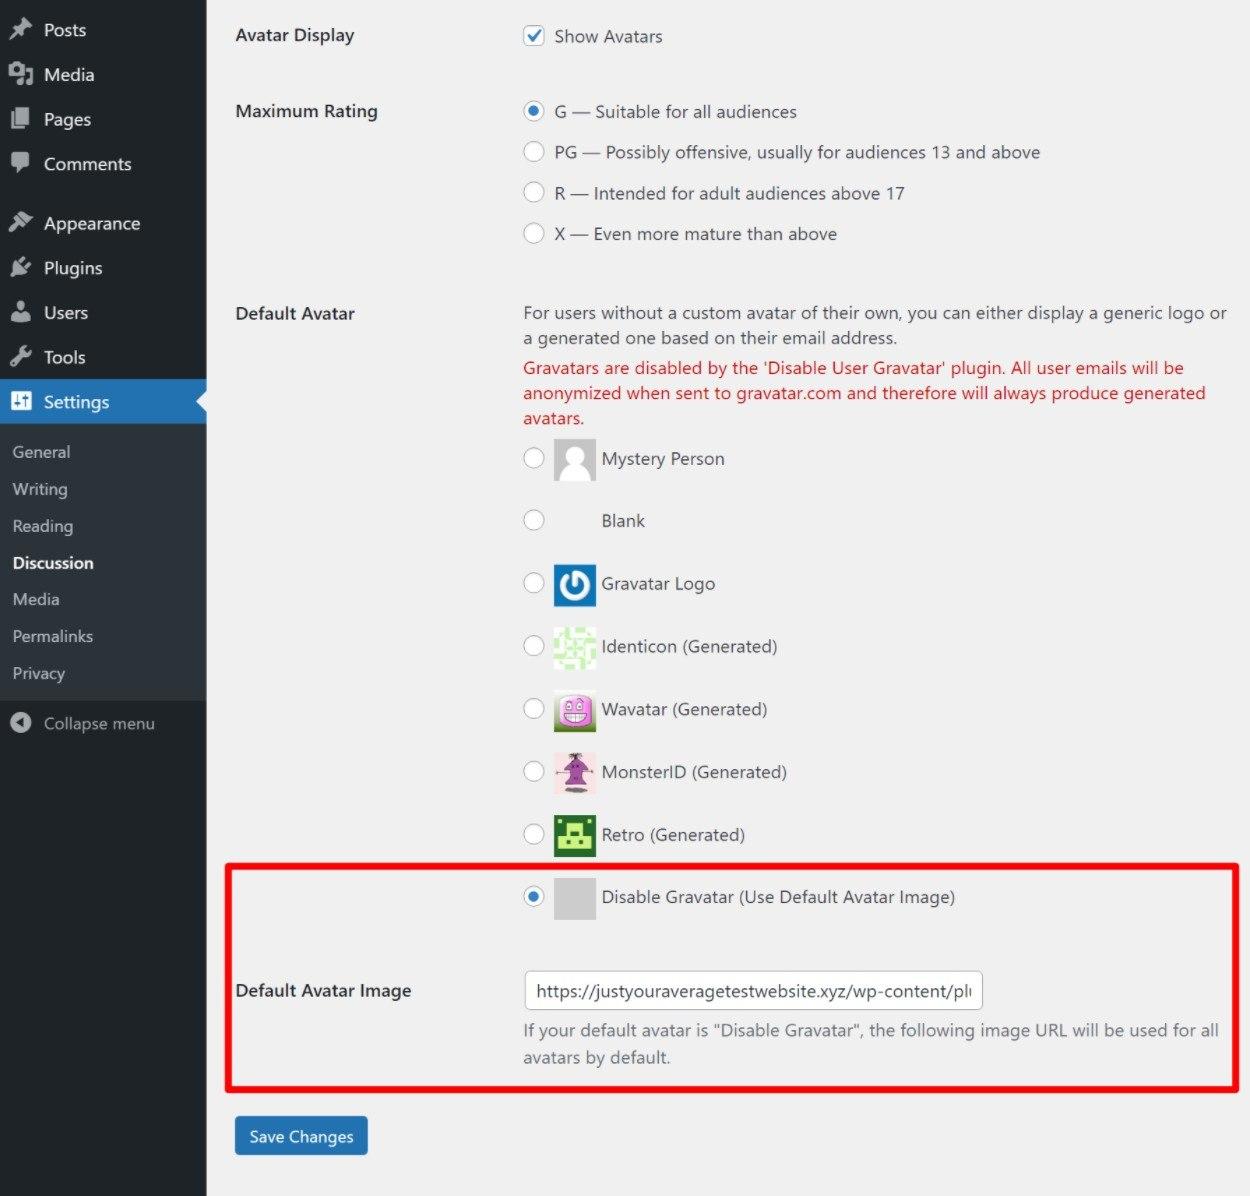 ¿Qué es Gravatar?  Guía completa para usuarios de WordPress + todos los demás - 1630938433 483 ¿Que es Gravatar Guia completa para usuarios de WordPress